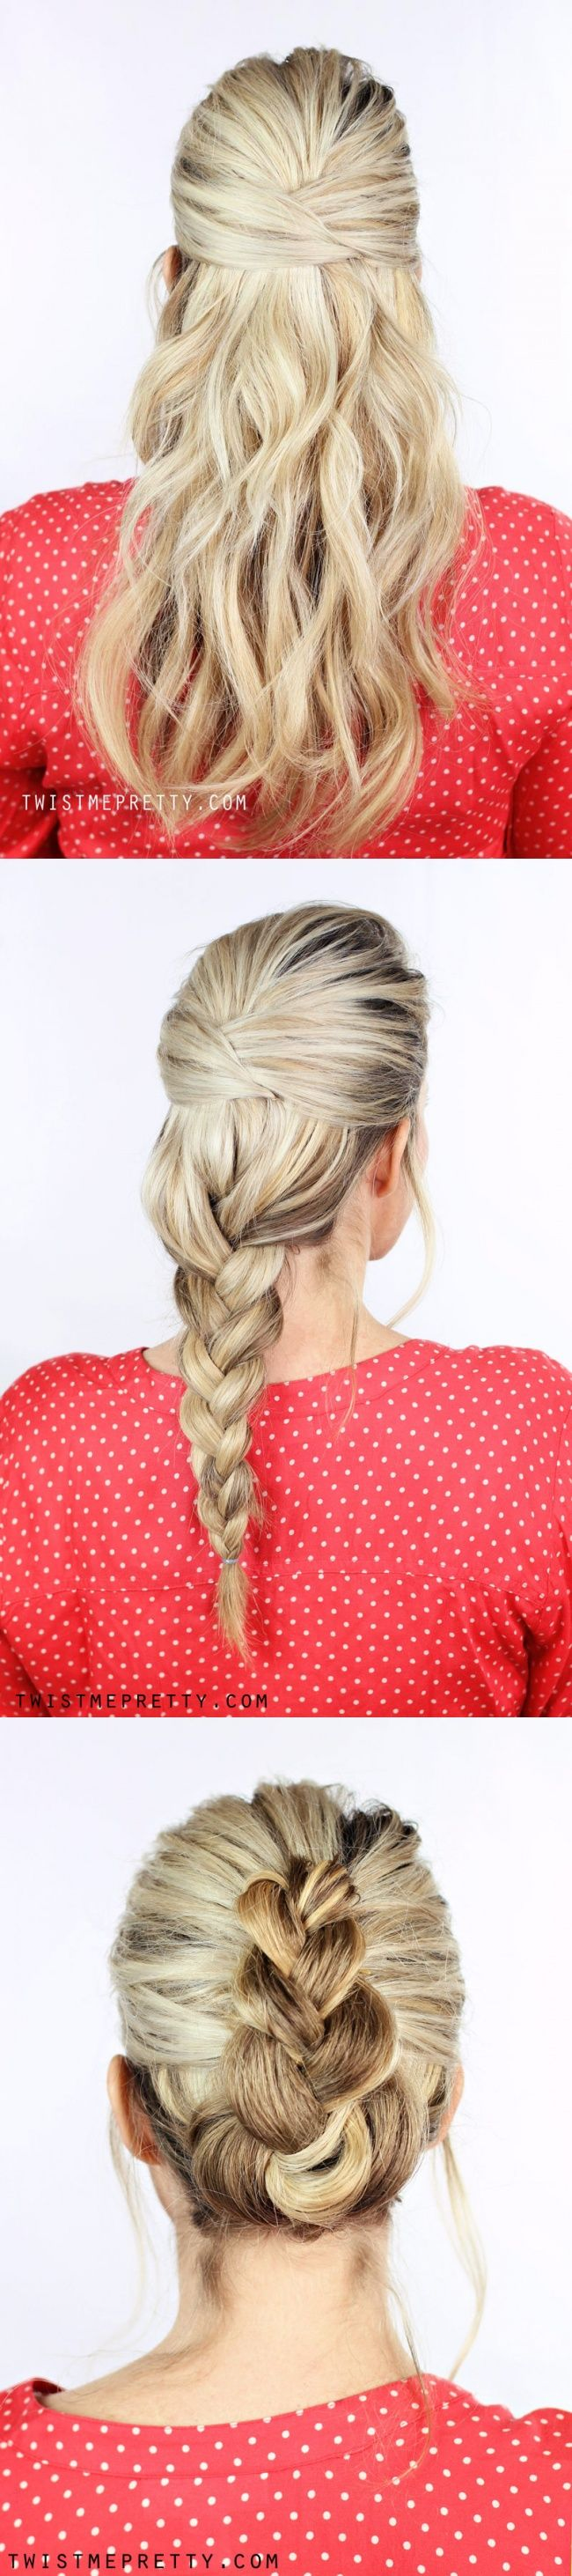 penteados-simples-8